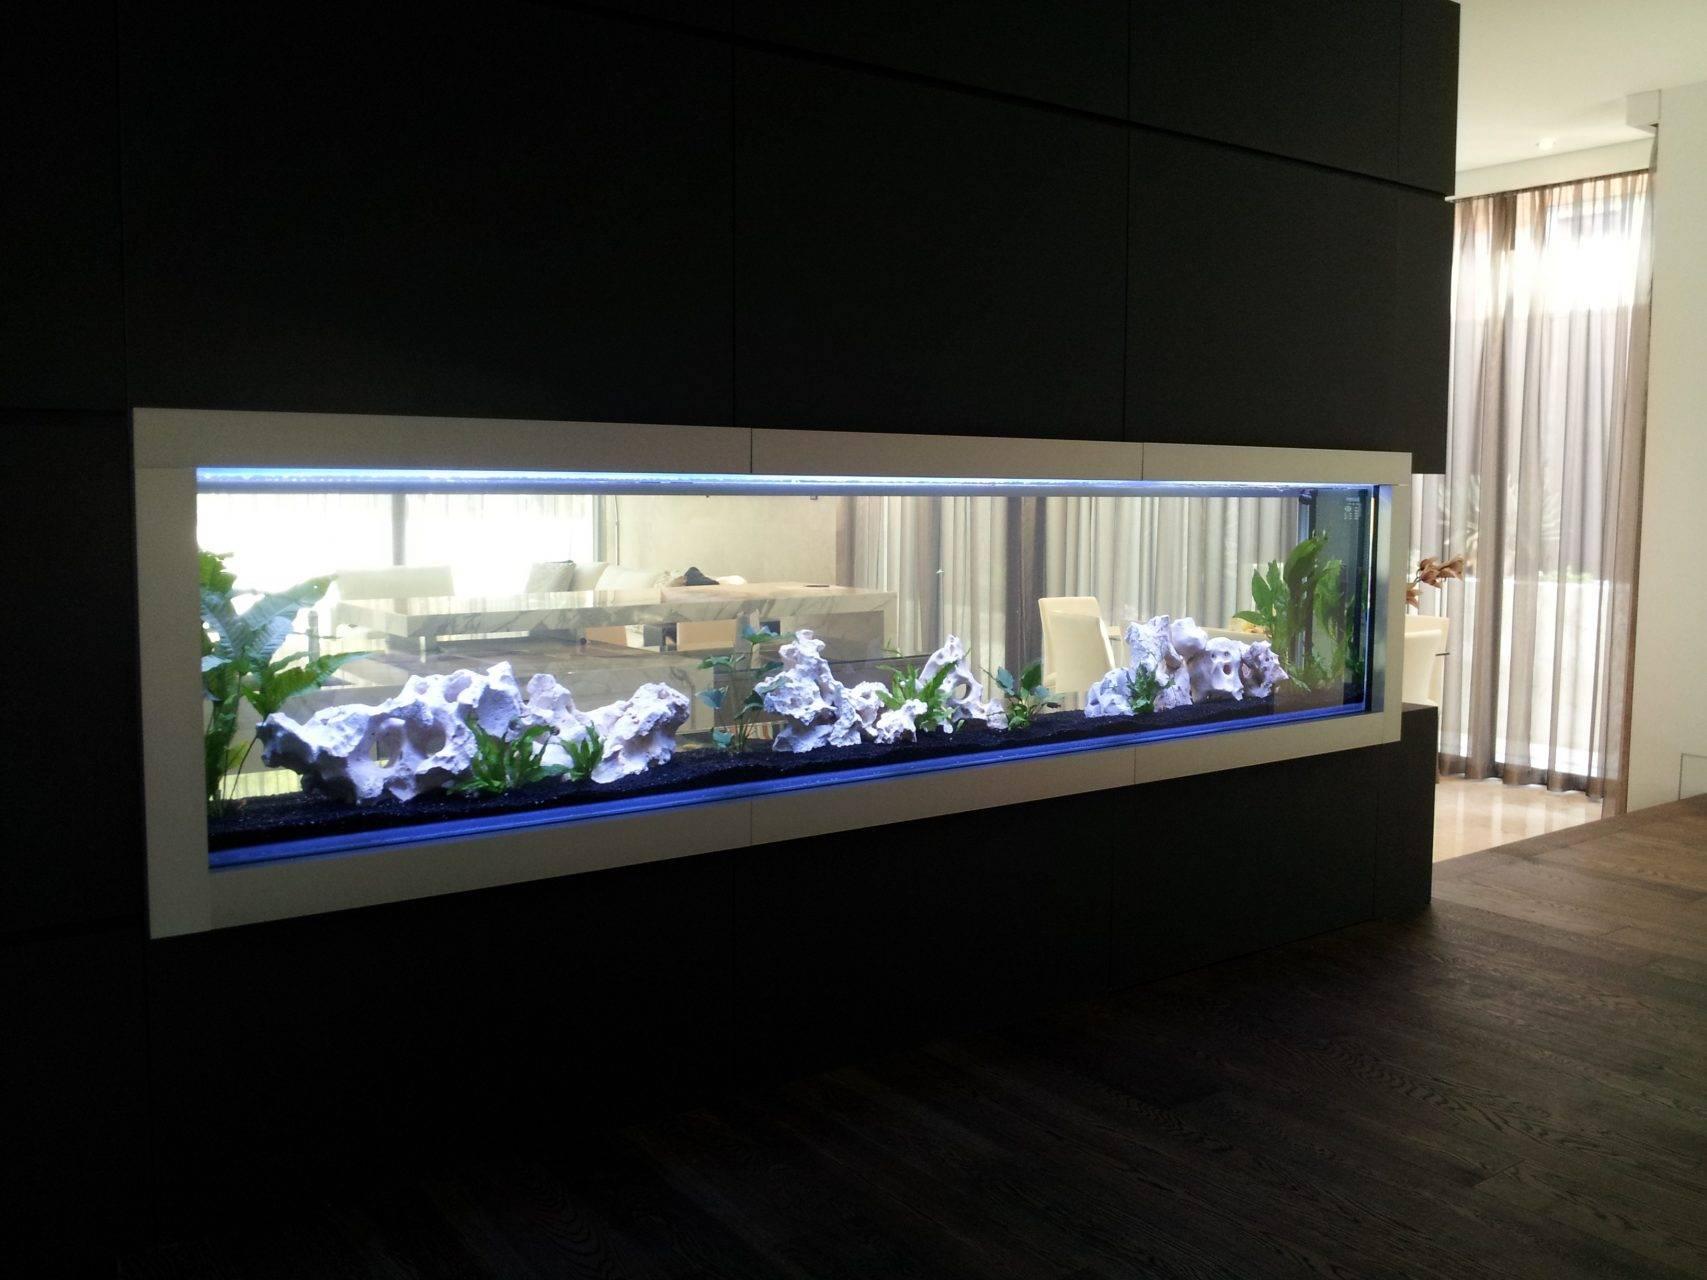 Дизайн аквариума своими руками: как сделать аквариум красивым